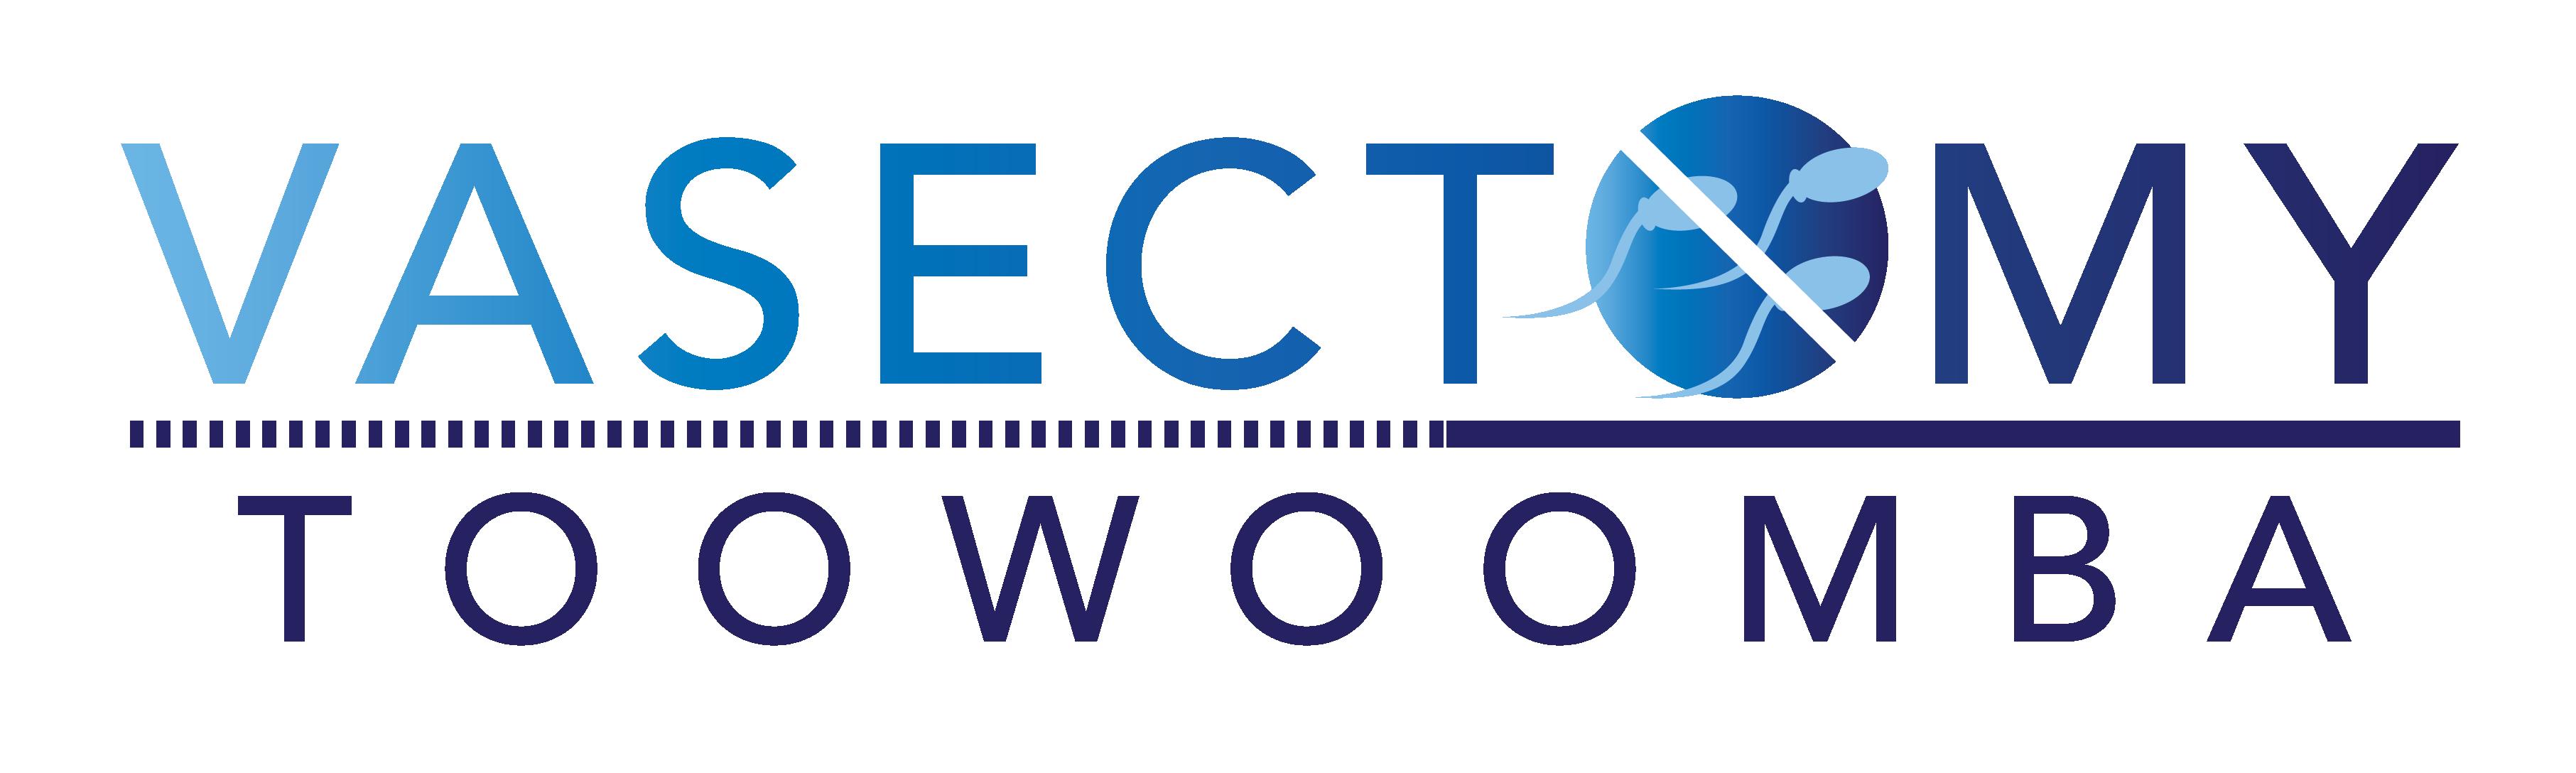 Vasectomy Toowoomba